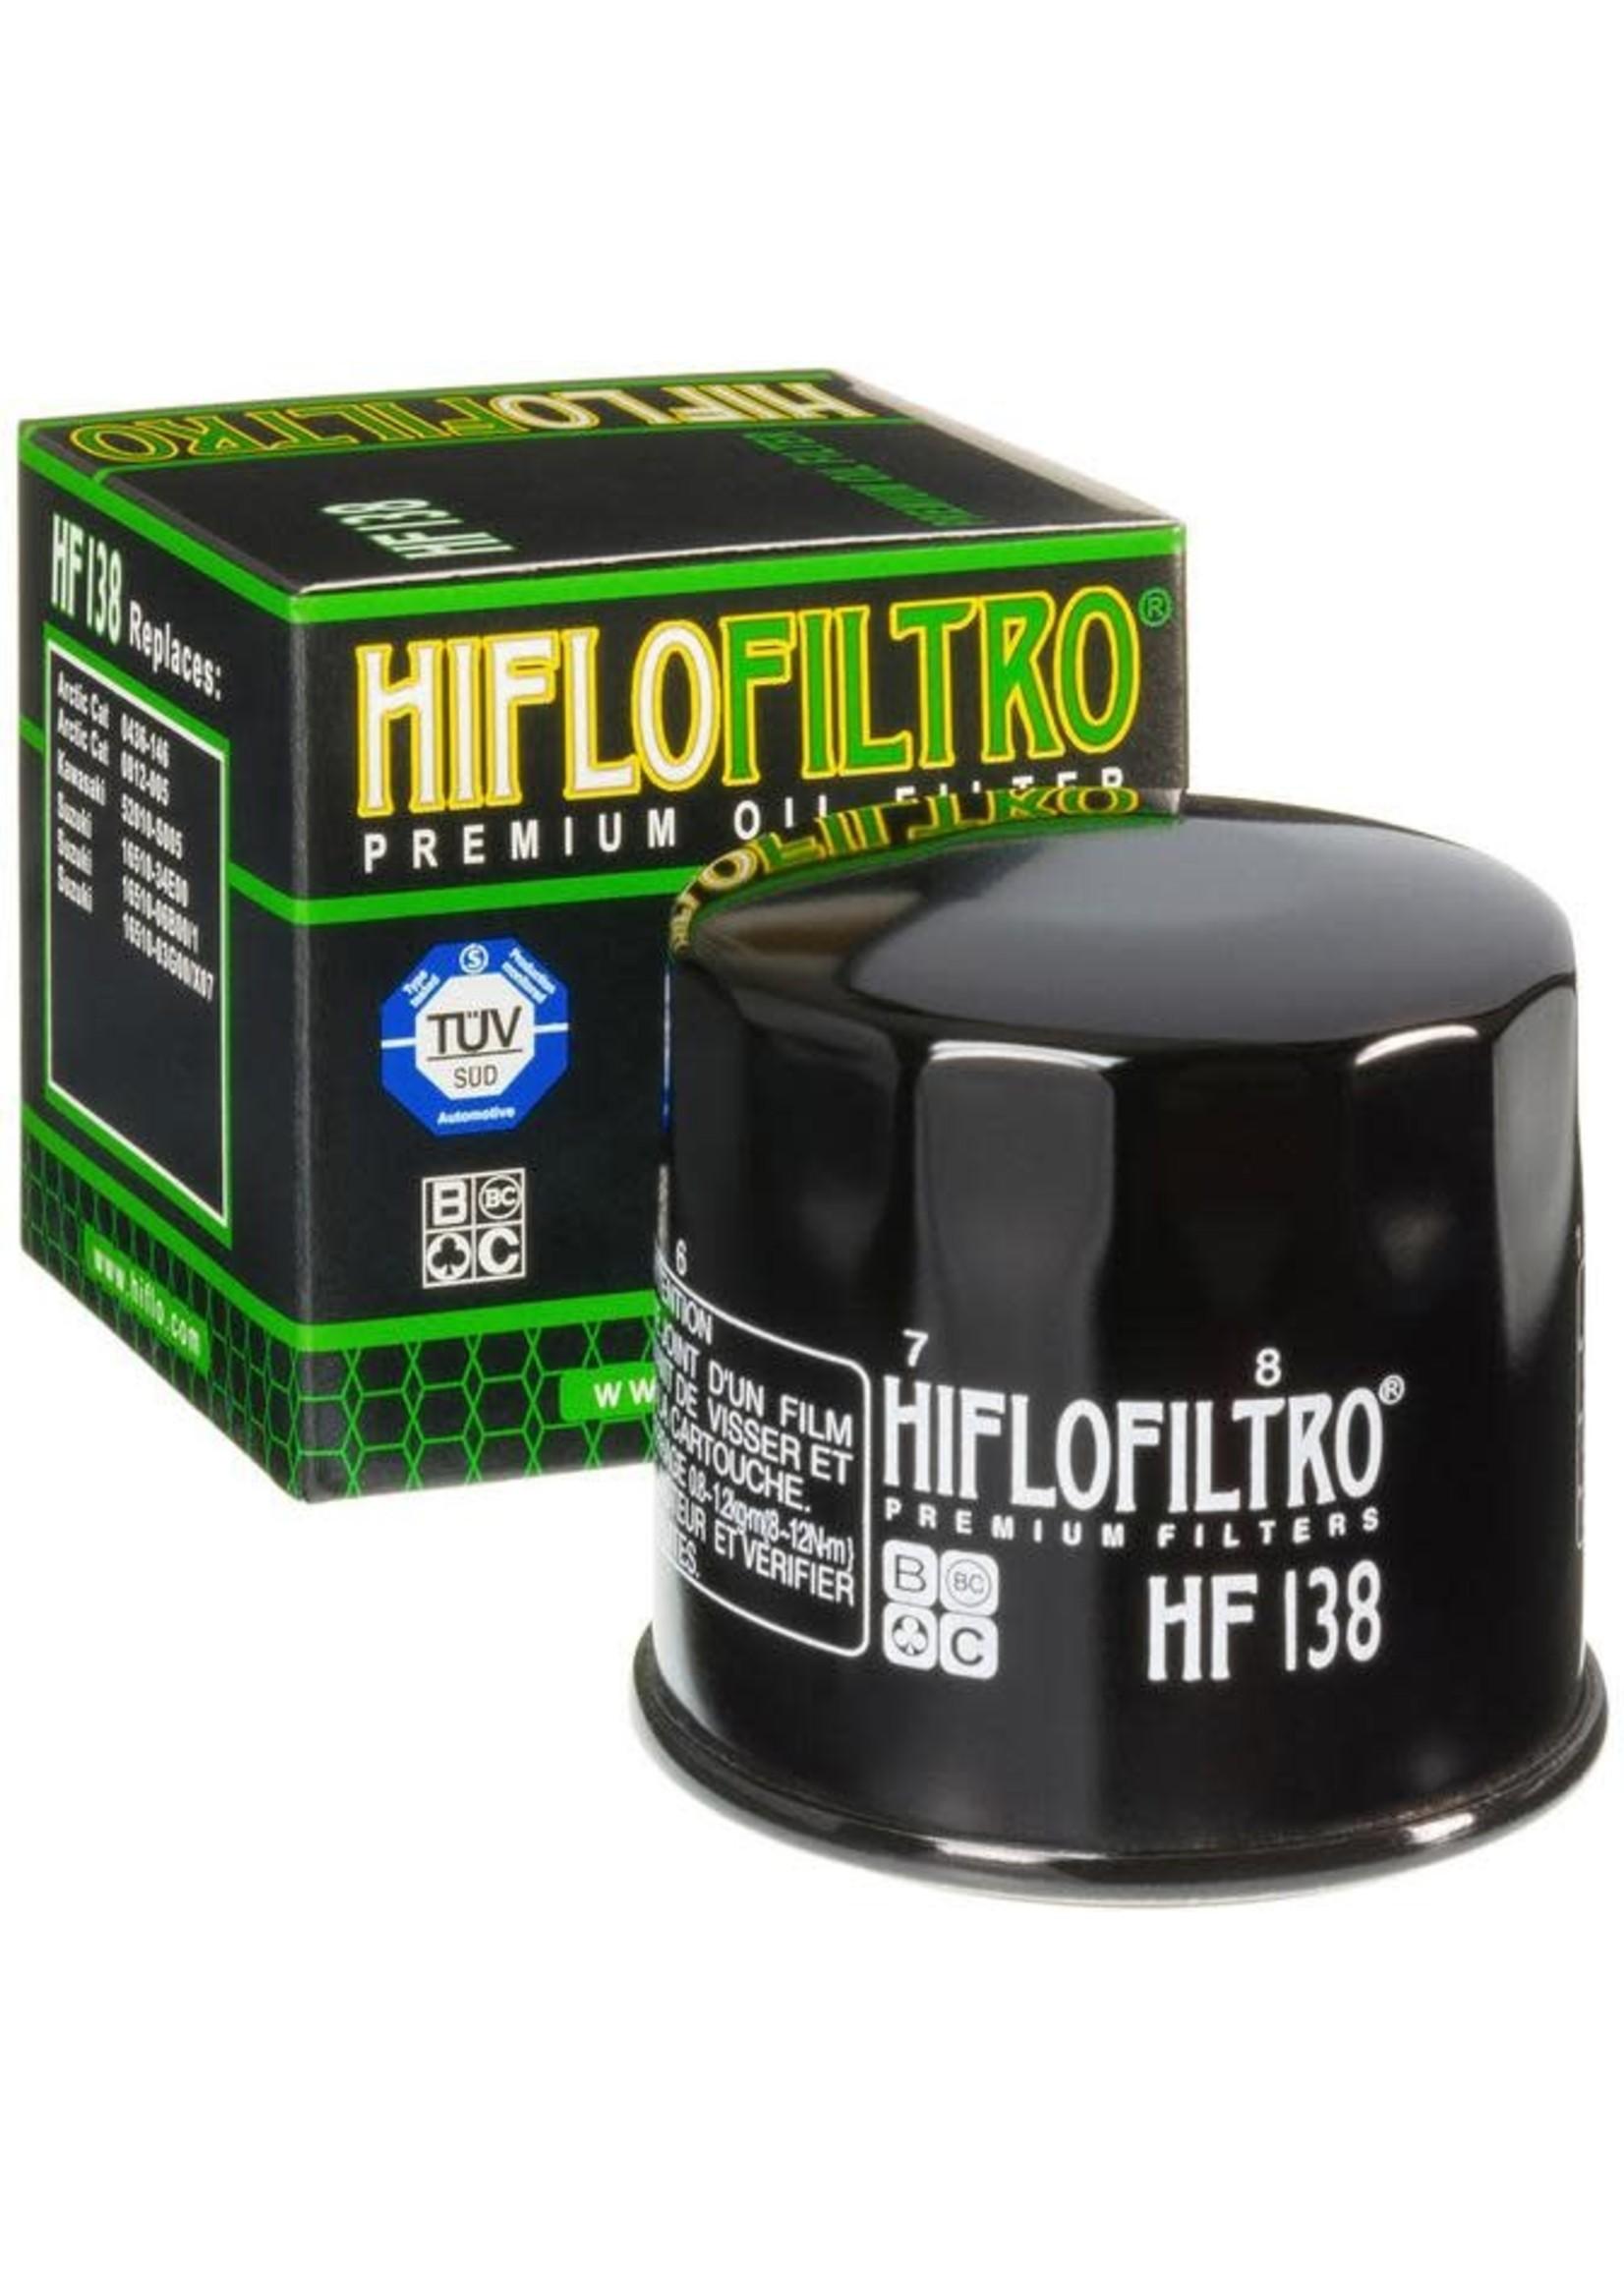 Hiflo Hiflo OIL FILTER, HF138